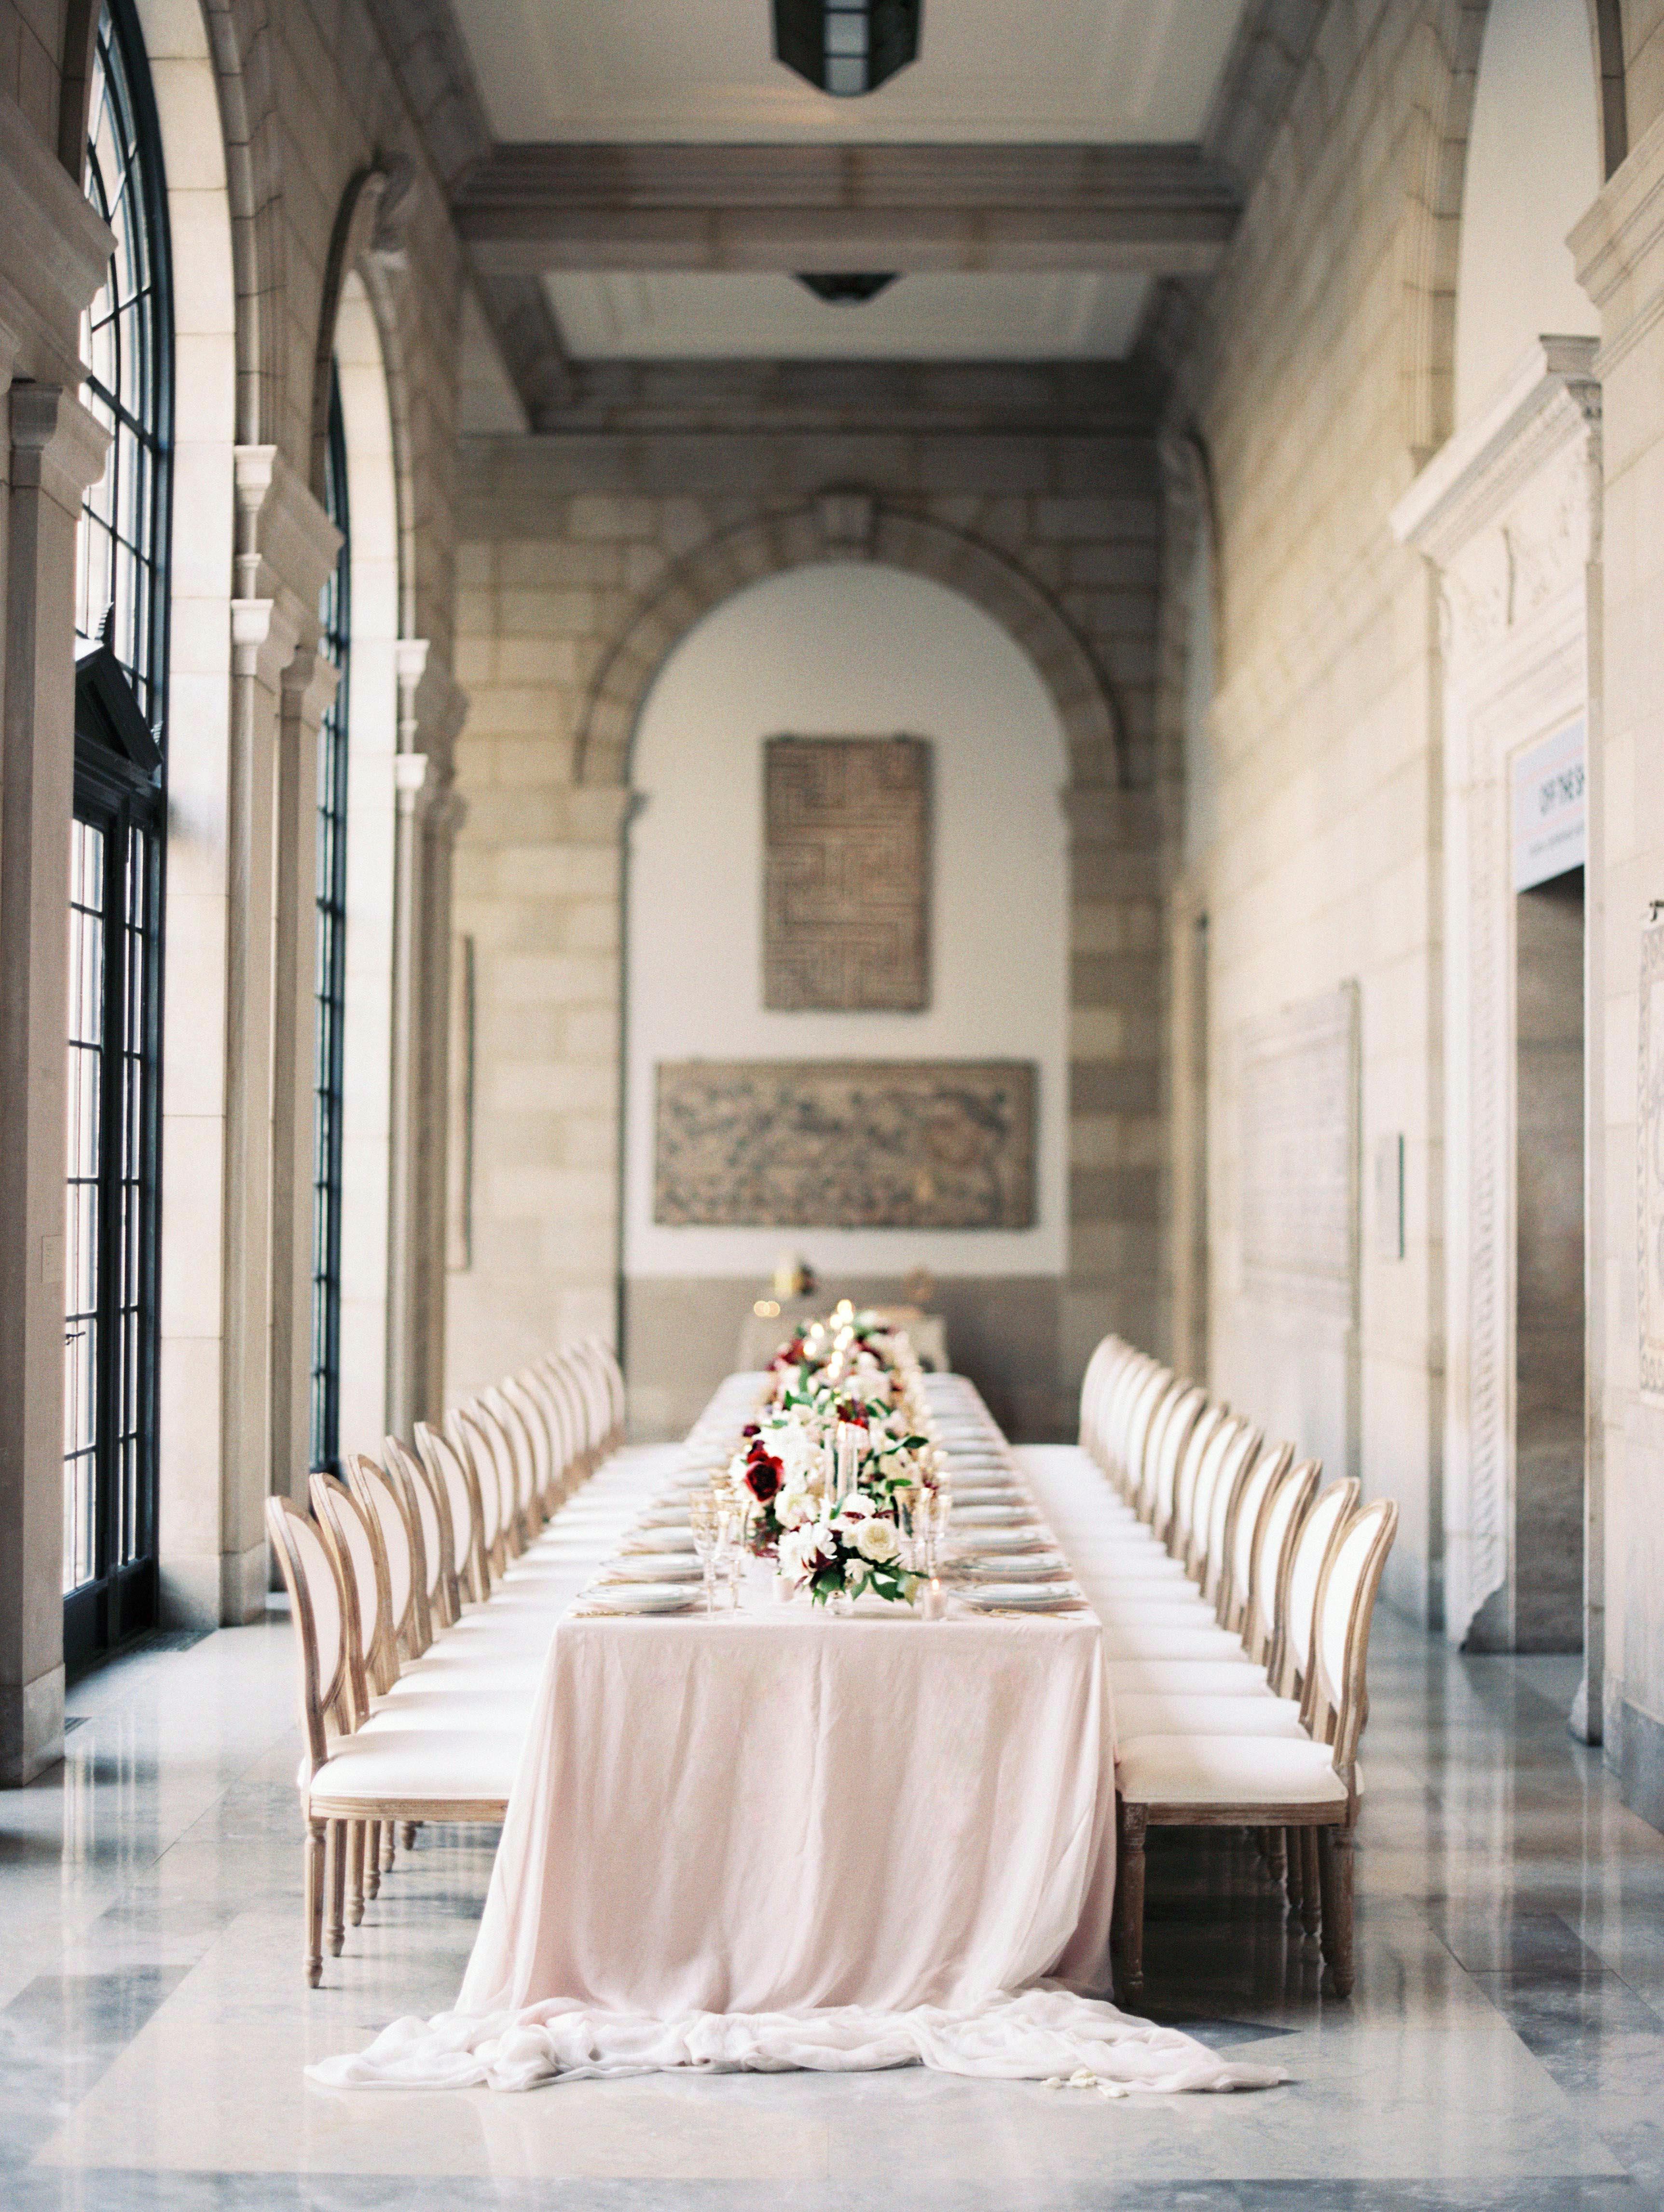 daniela emmanuel wedding maryland tables